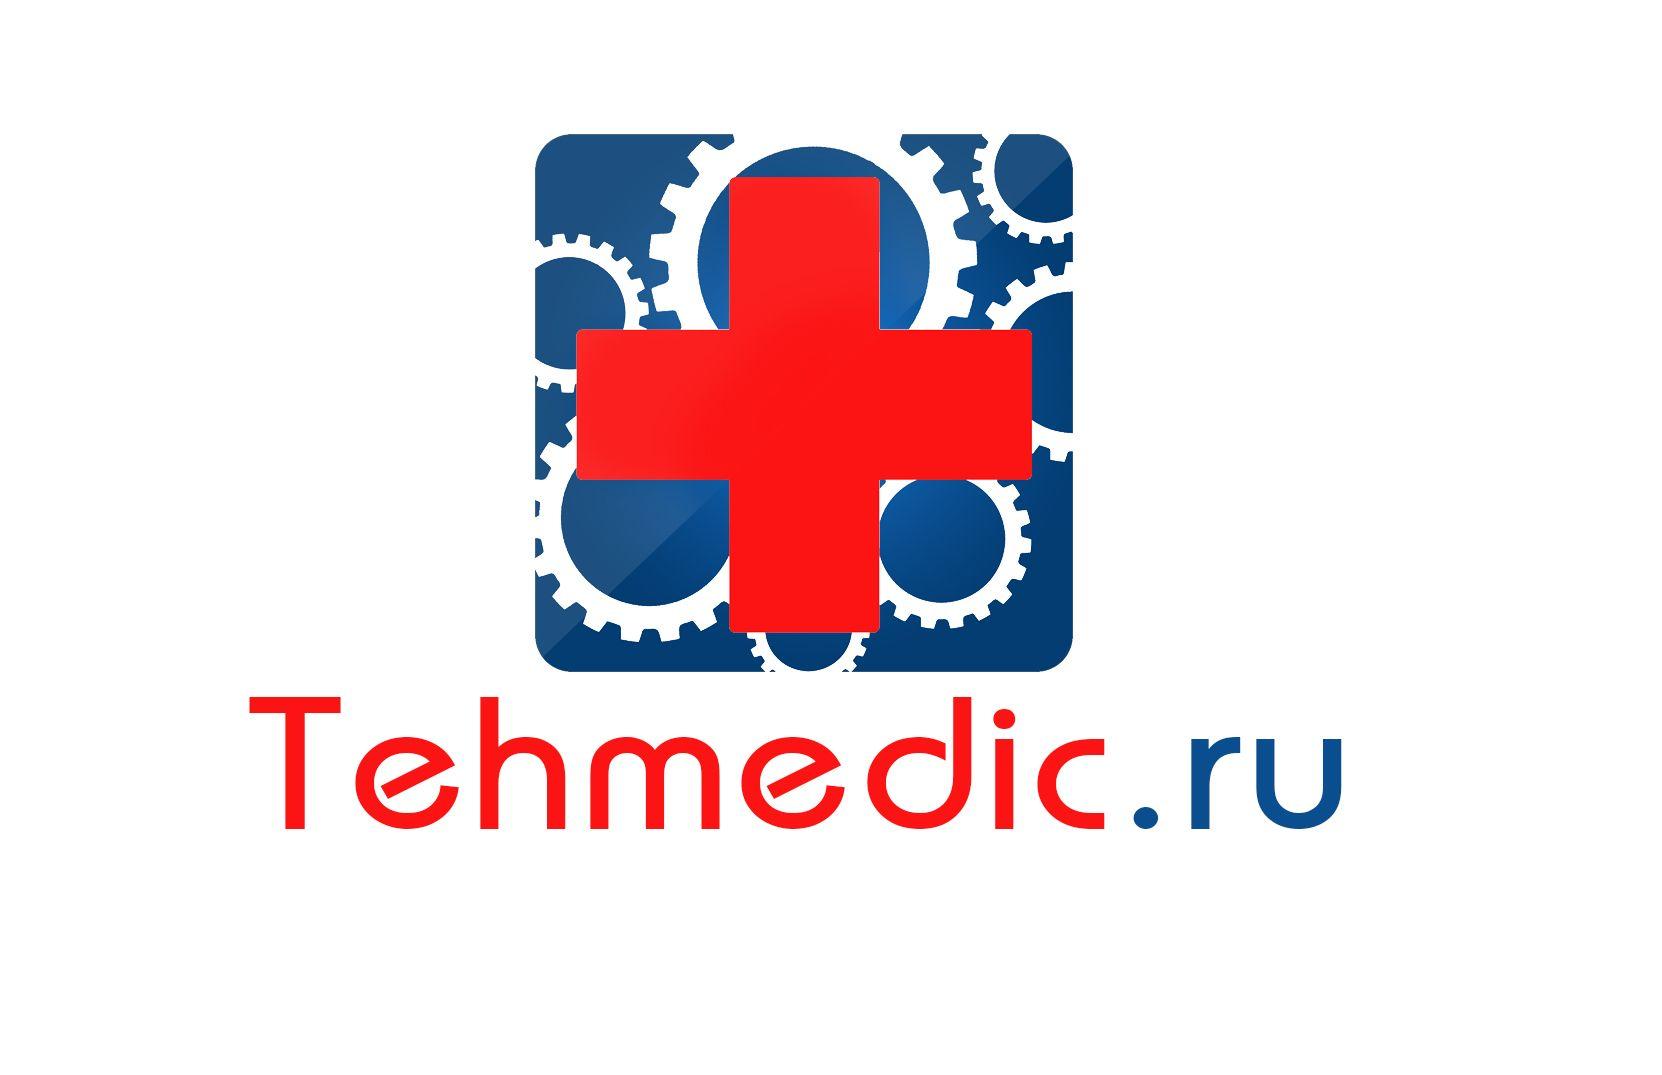 Логотип для интернет-магазина медтехники - дизайнер vladimirkazarin